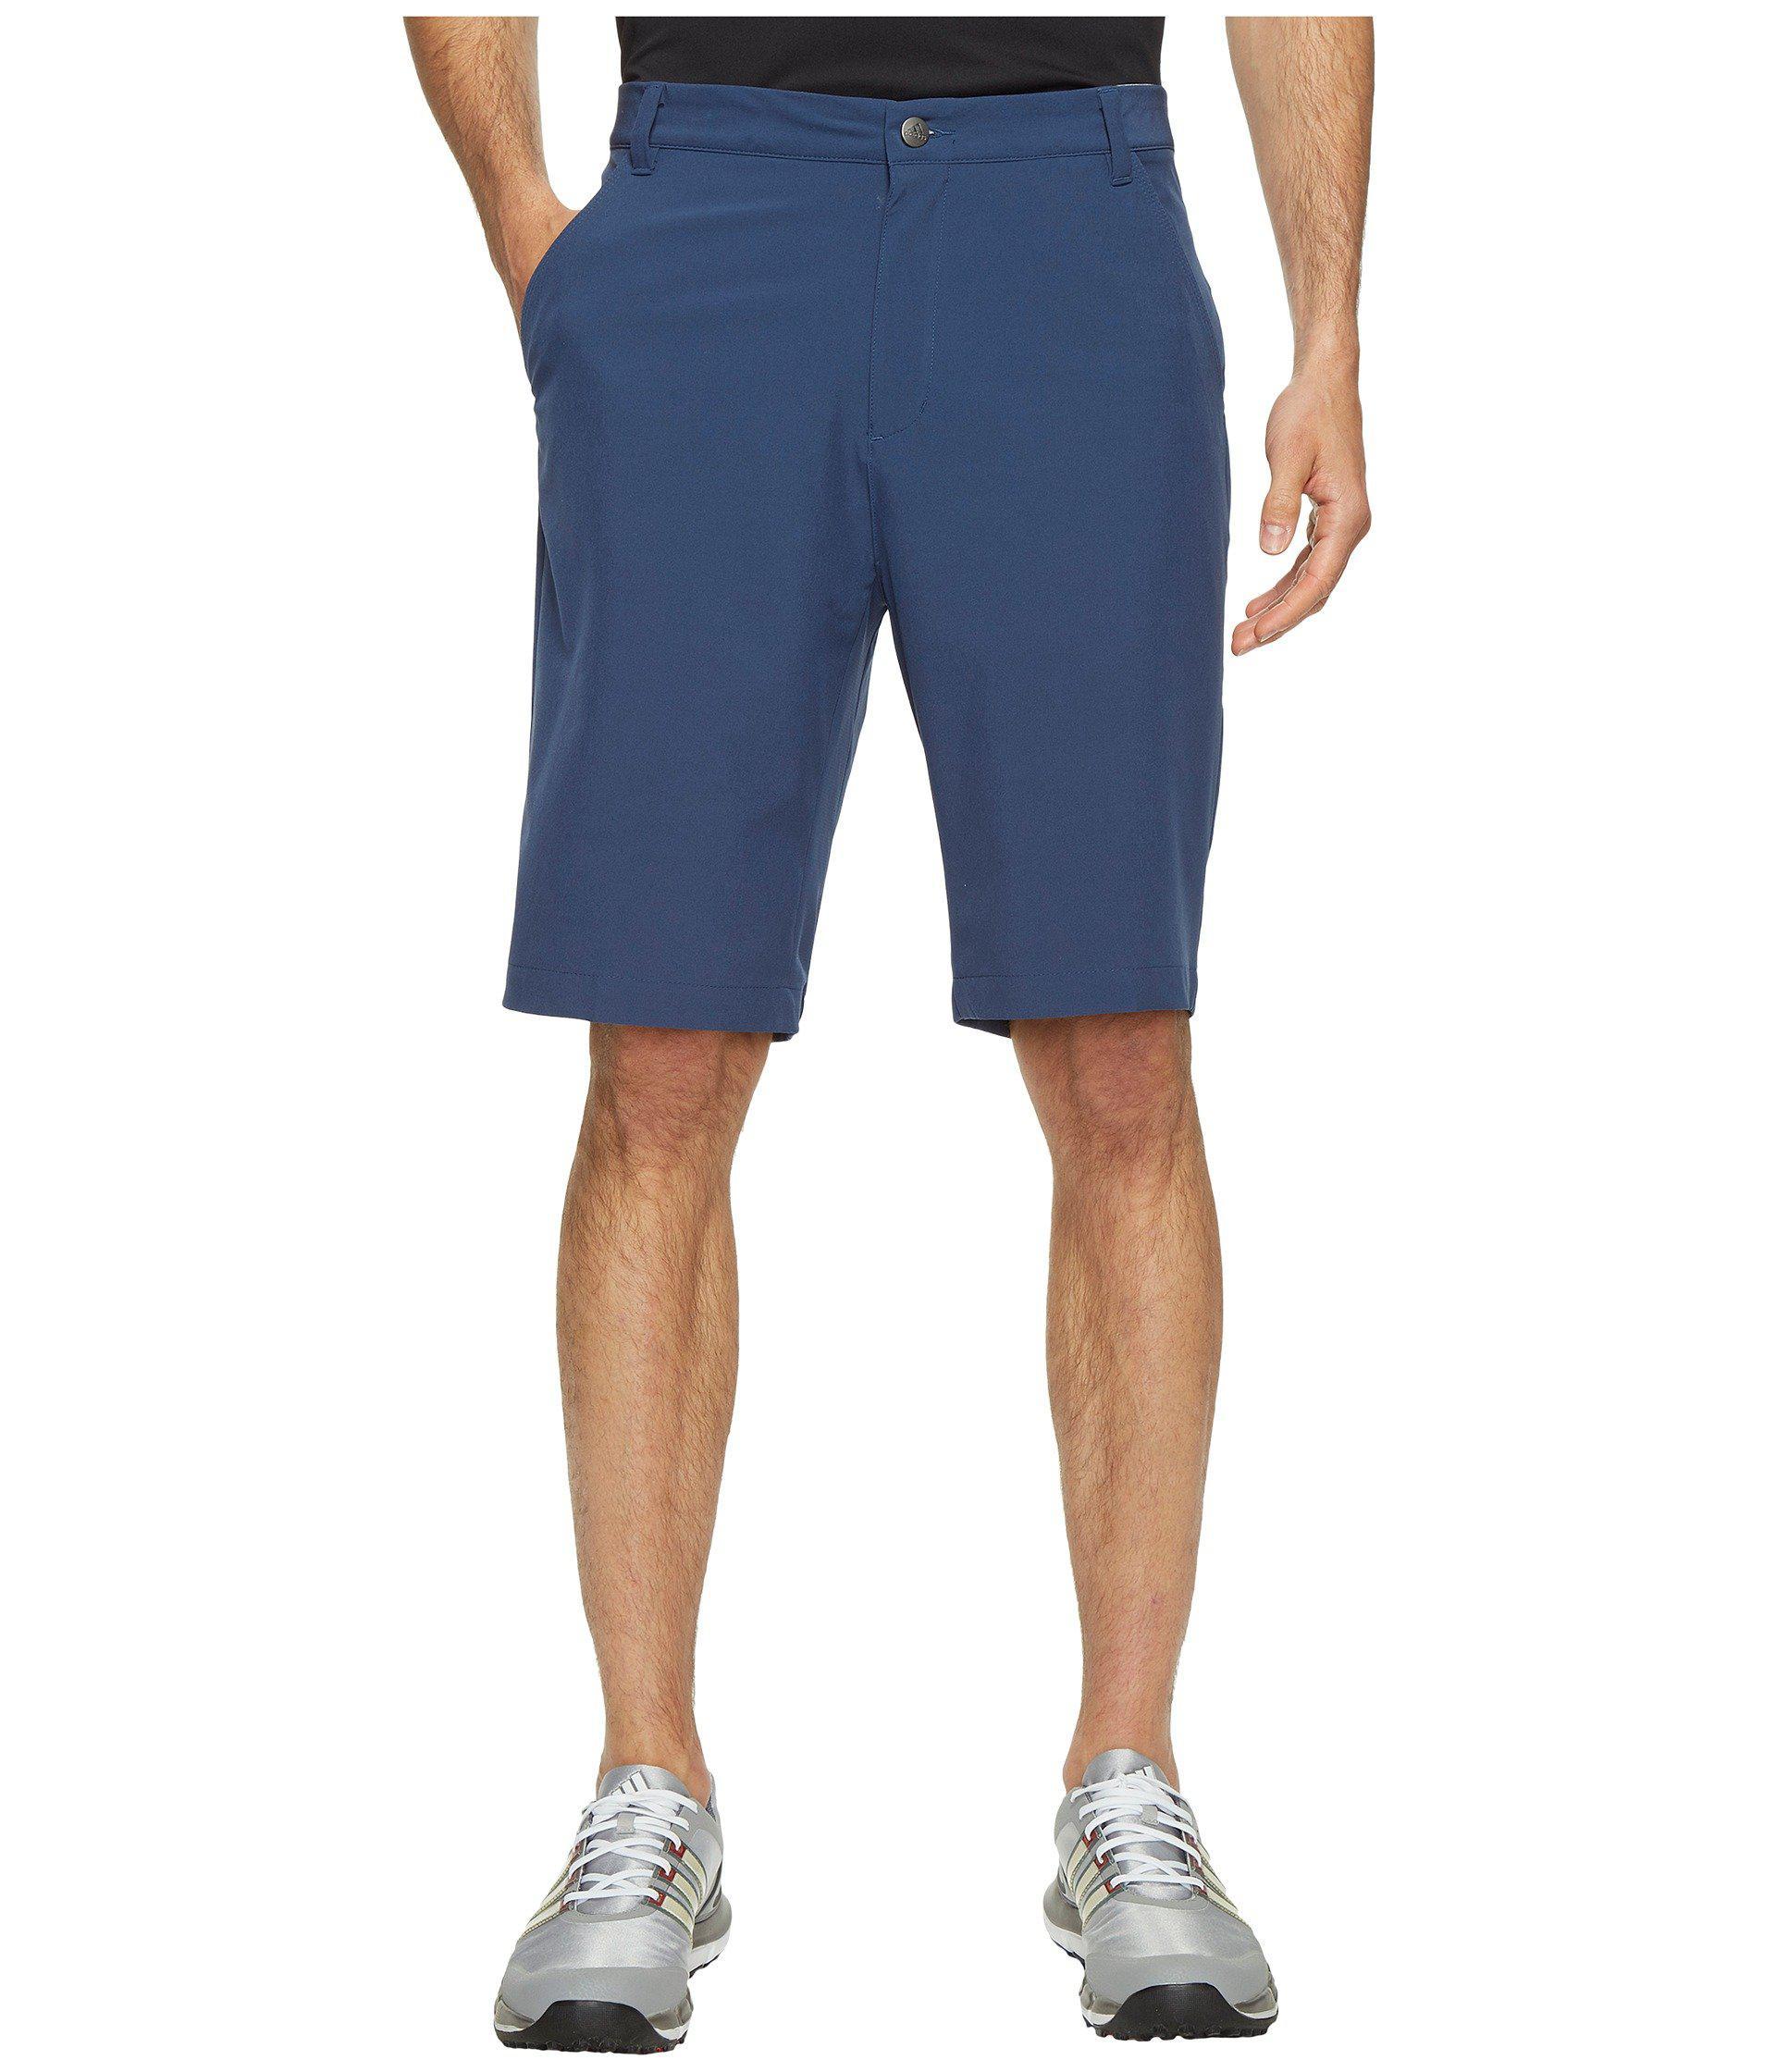 Lyst hombre Adidas Originals 18511 Ultimate para 365 Airflow Shorts en azul para hombre 50f882c - burpimmunitet.website